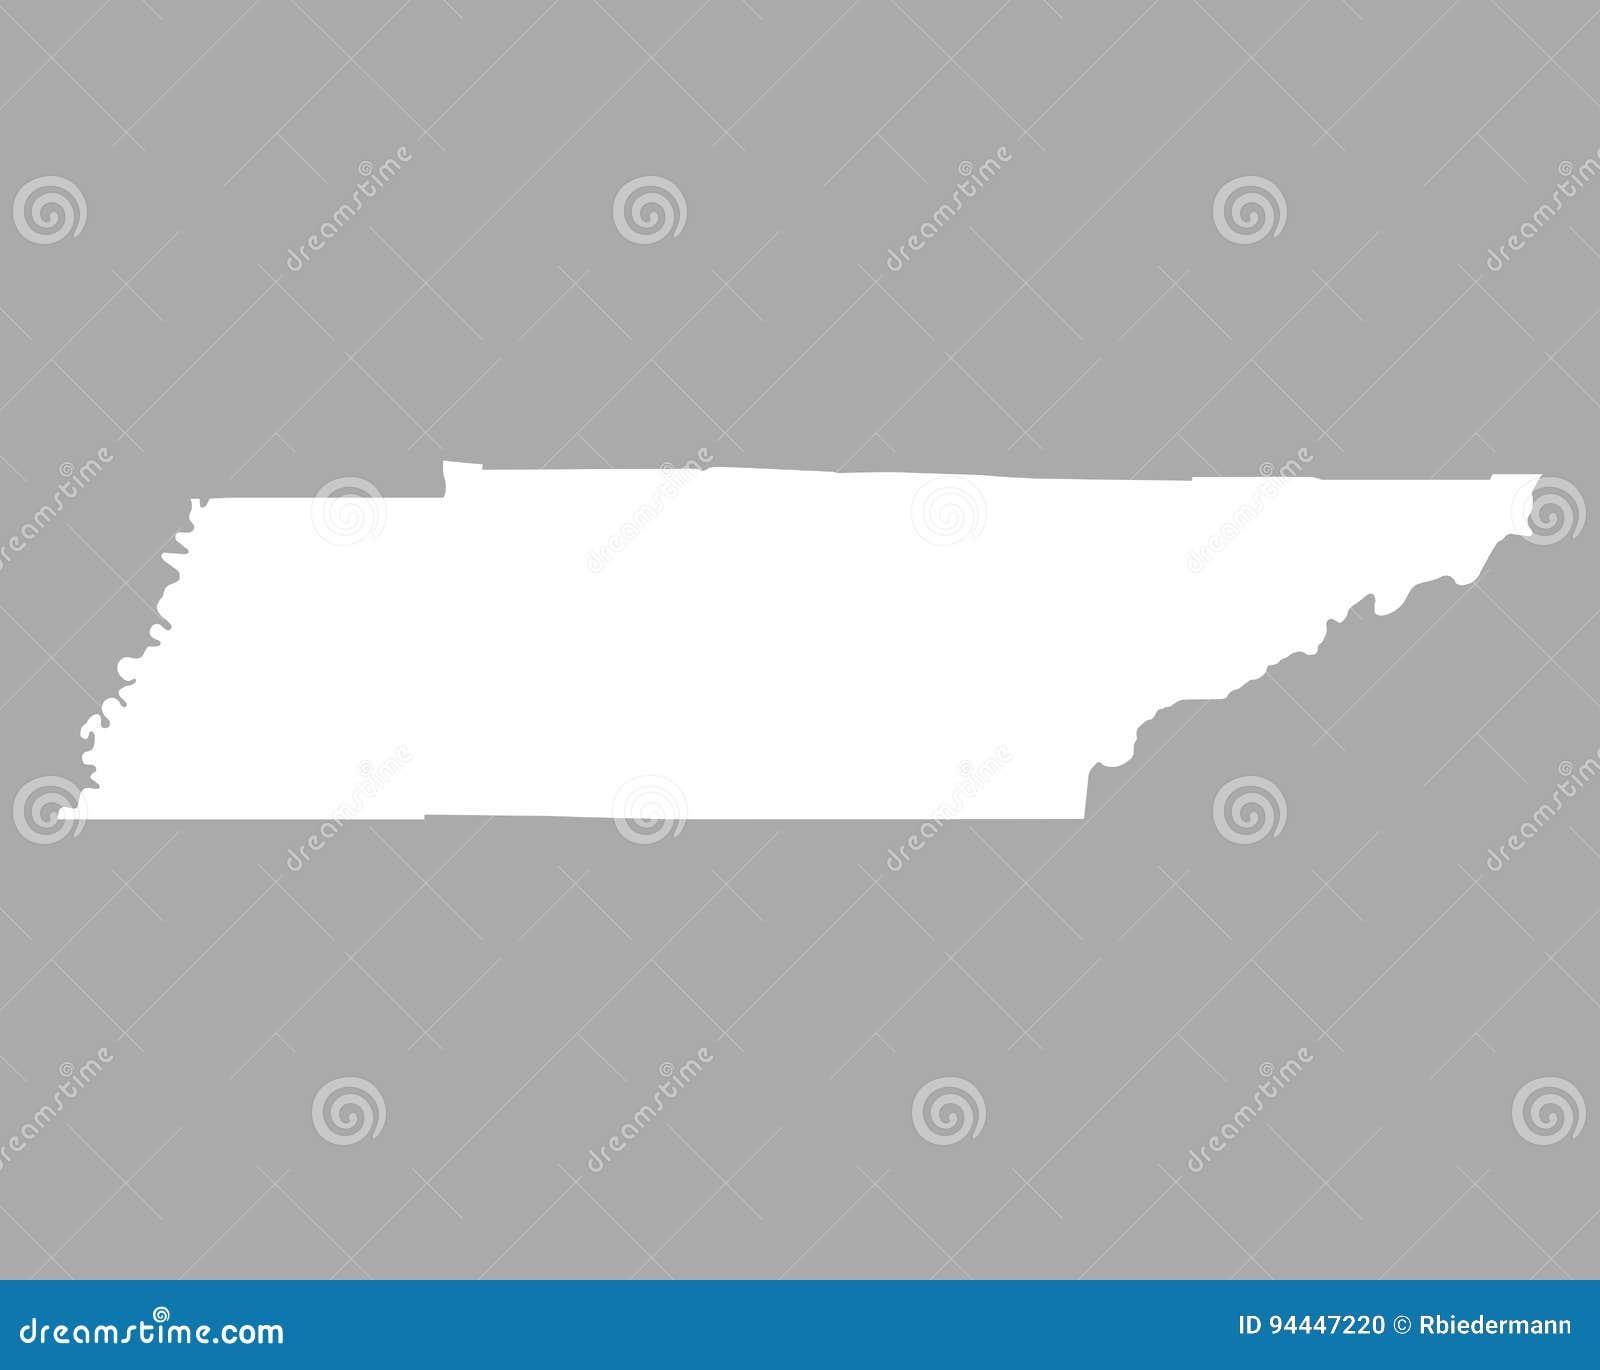 Mapa de Tennessee ilustración del vector. Ilustración de vector ...